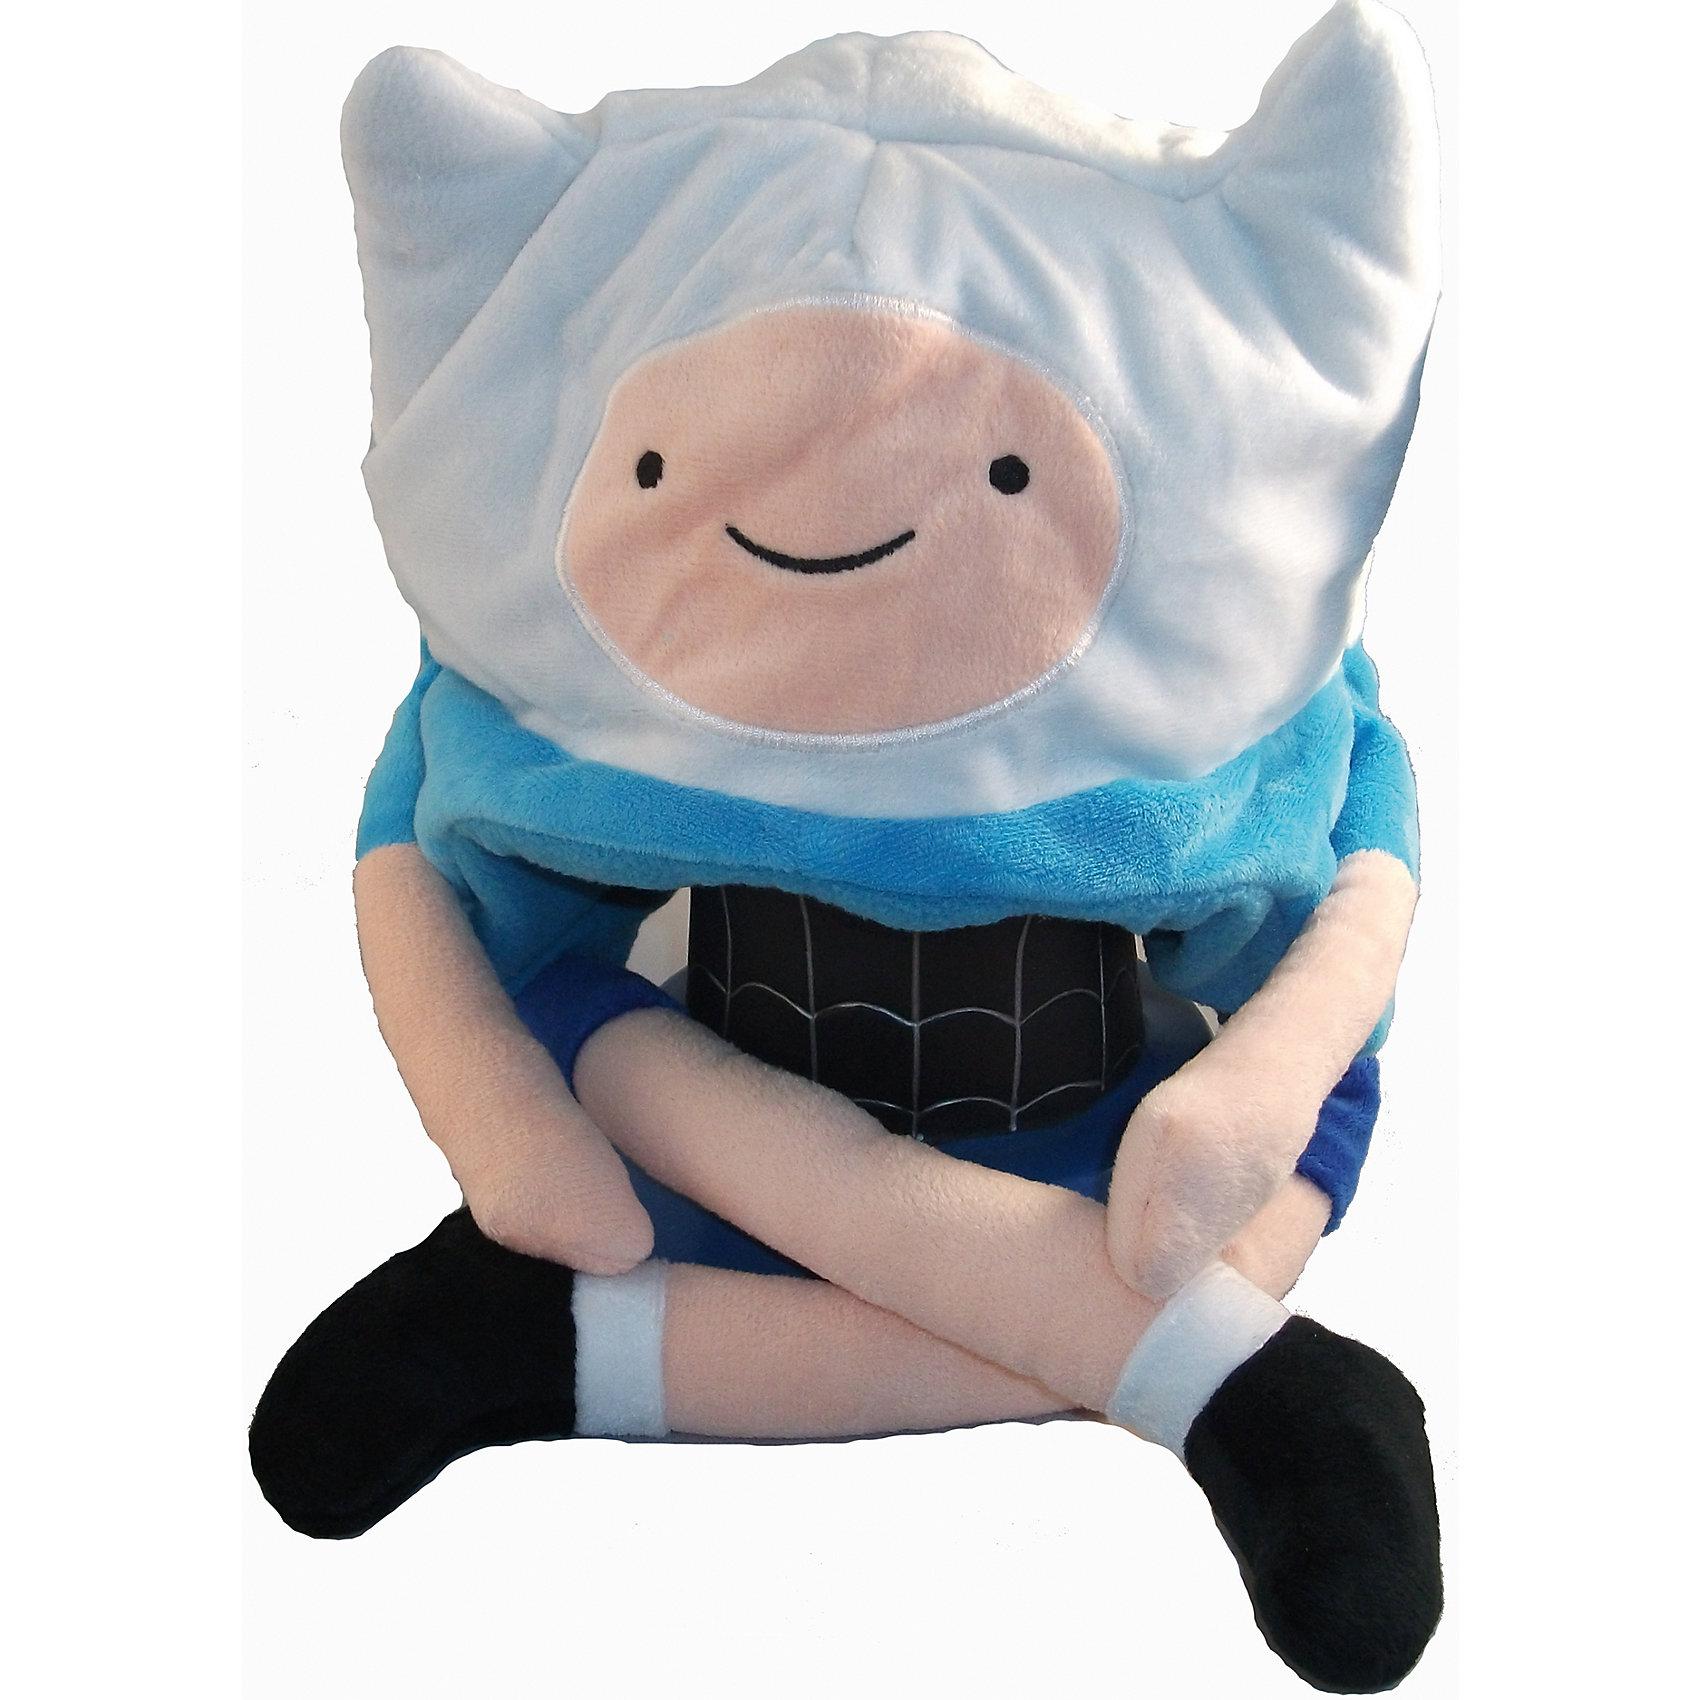 Шапка Финн, Время приключенийШапка Финн, Время приключений – это забавная шапка для настоящего поклонника мультсериала Время Приключений!<br>Мягкая, плюшевая шапка, выполненная в виде мальчика Финна из мультсериала Adventure Time (Приключения с Финном и Джейком), защитит от холода. Одев эту удобную, теплую и стильную шапку, Вы почувствуете себя Финном и попадете в различные веселые приключения! По размеру шапка подойдет на взрослого, на детскую голову подойдет как вторая шапка.<br><br>Дополнительная информация:<br><br>- Материал: плюш<br><br>Шапку Финн, Время приключений можно купить в нашем интернет-магазине.<br><br>Ширина мм: 200<br>Глубина мм: 250<br>Высота мм: 150<br>Вес г: 250<br>Возраст от месяцев: 108<br>Возраст до месяцев: 144<br>Пол: Унисекс<br>Возраст: Детский<br>SKU: 4293062